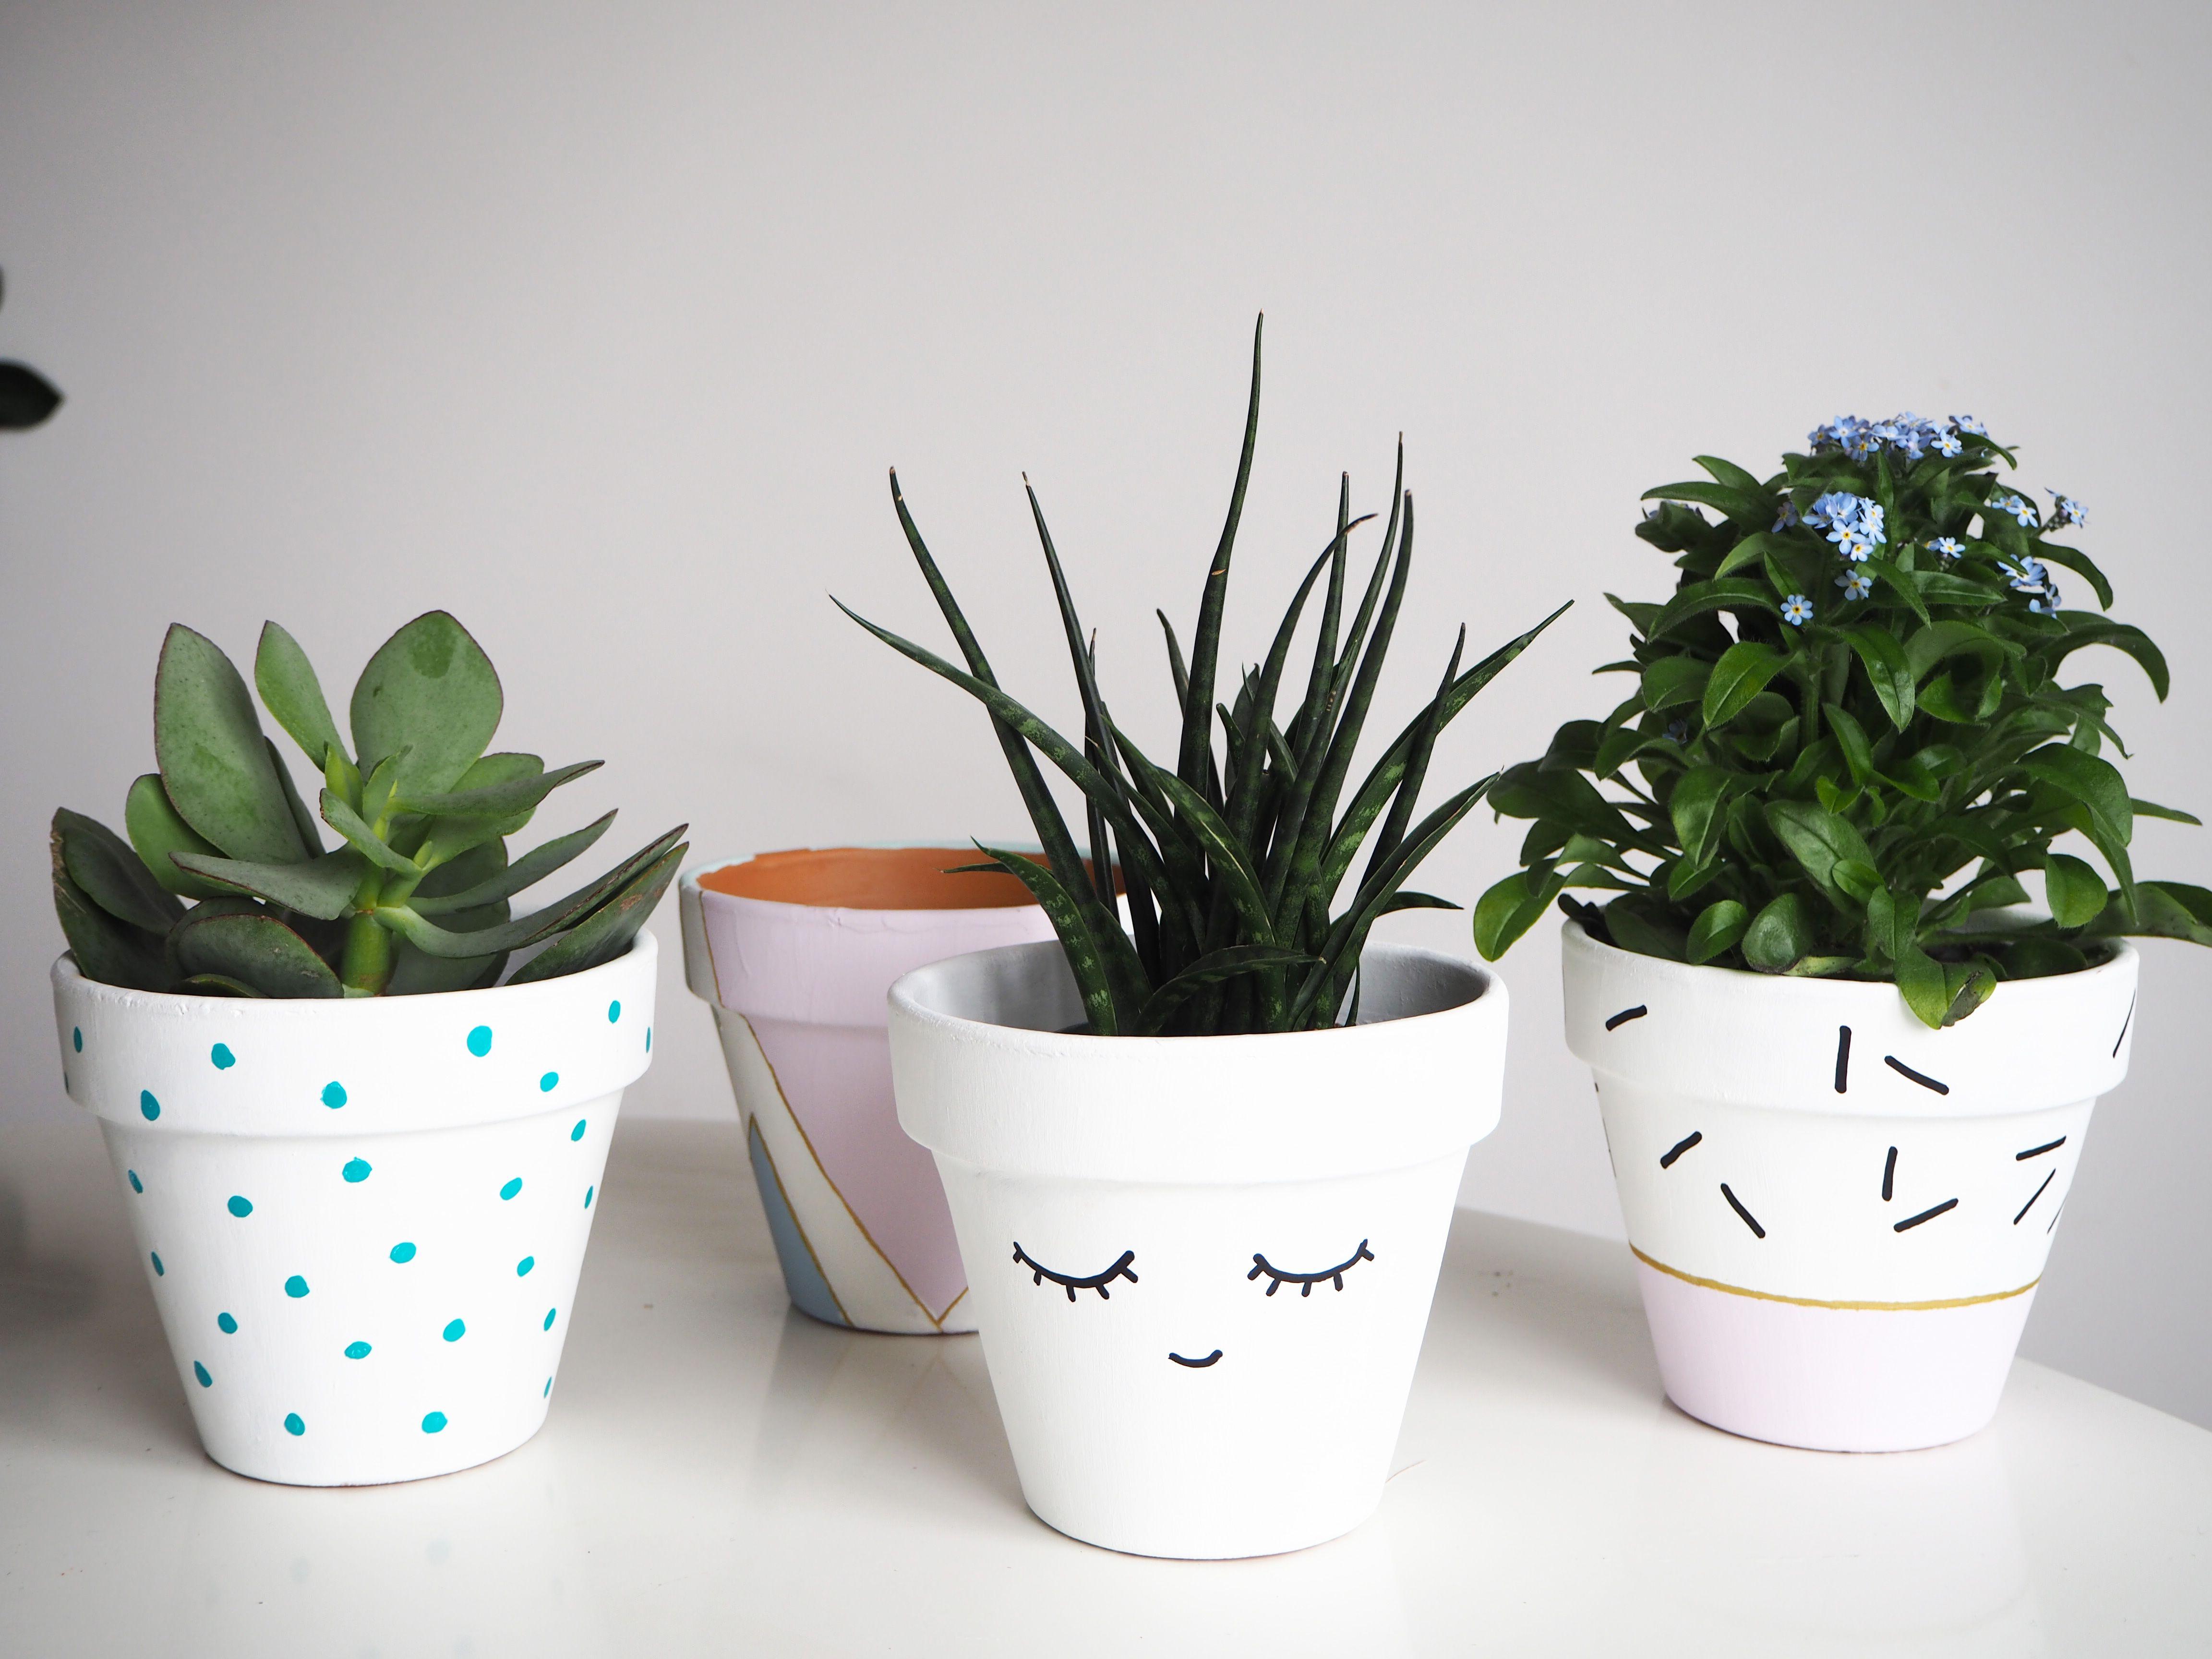 4 id es pour customiser un pot facilement d co for the. Black Bedroom Furniture Sets. Home Design Ideas